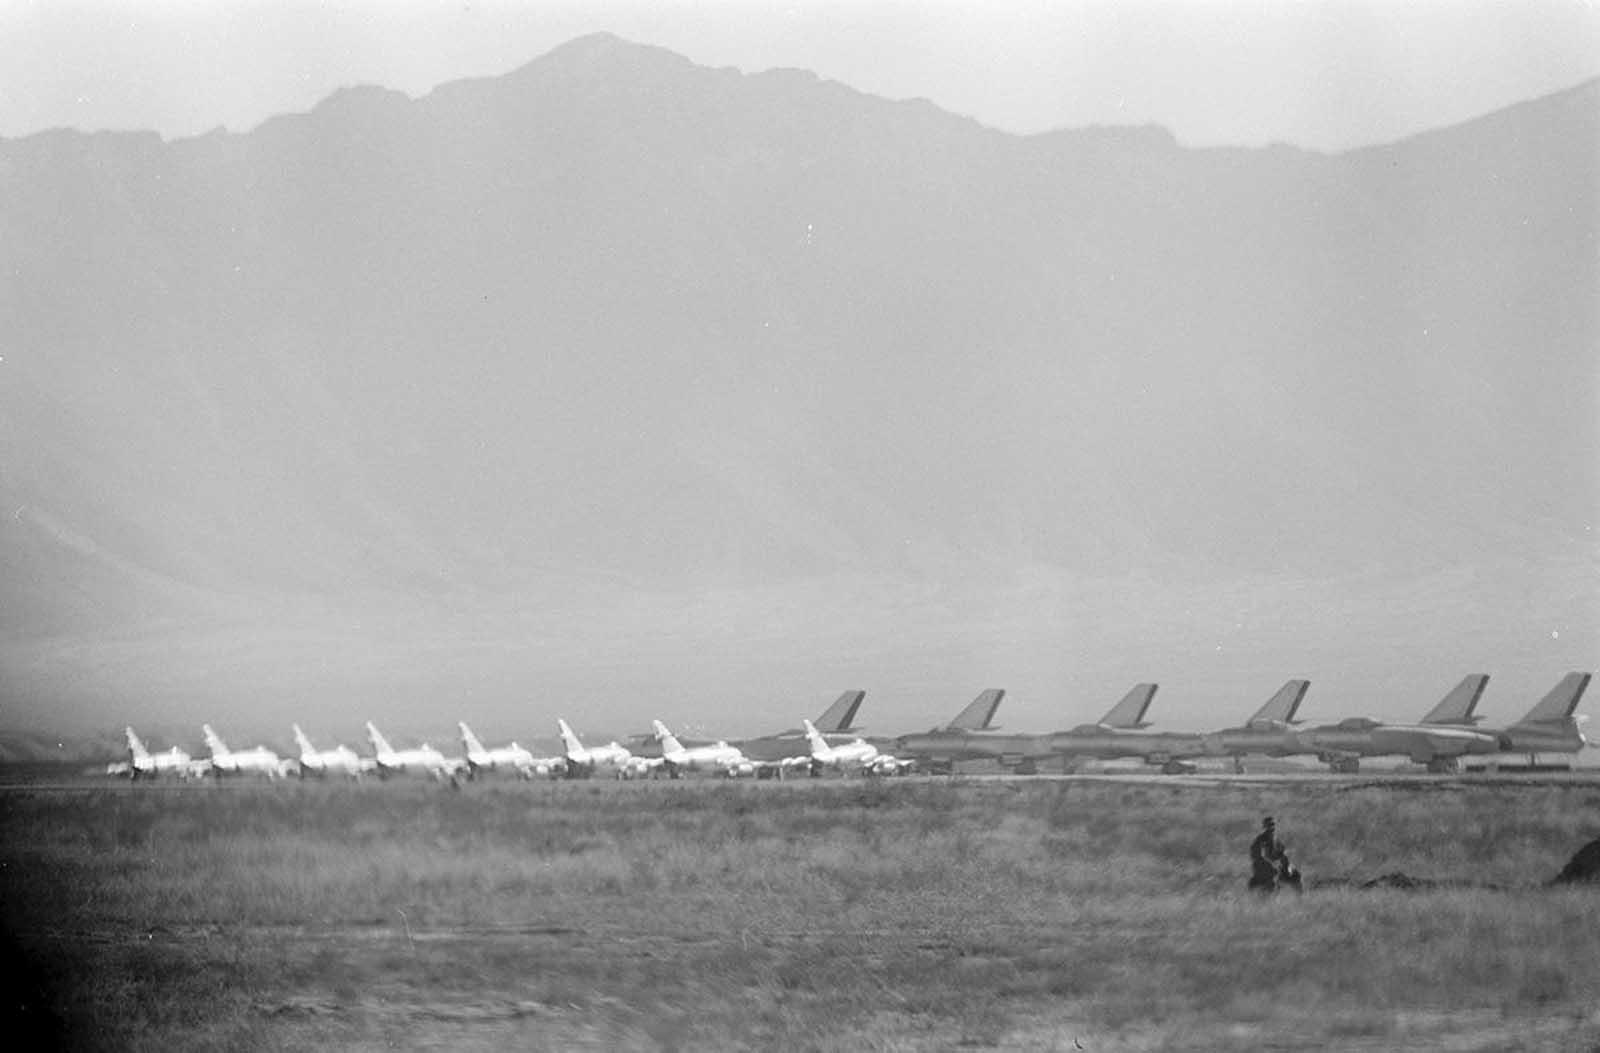 Los combatientes de la Fuerza Aérea Afgana Mikoyan-Gurevich MiG-15 y Ilyushin Il-28 en Kabul, Afganistán, durante la visita del presidente de los Estados Unidos Dwight D. Eisenhower, en diciembre de 1959.